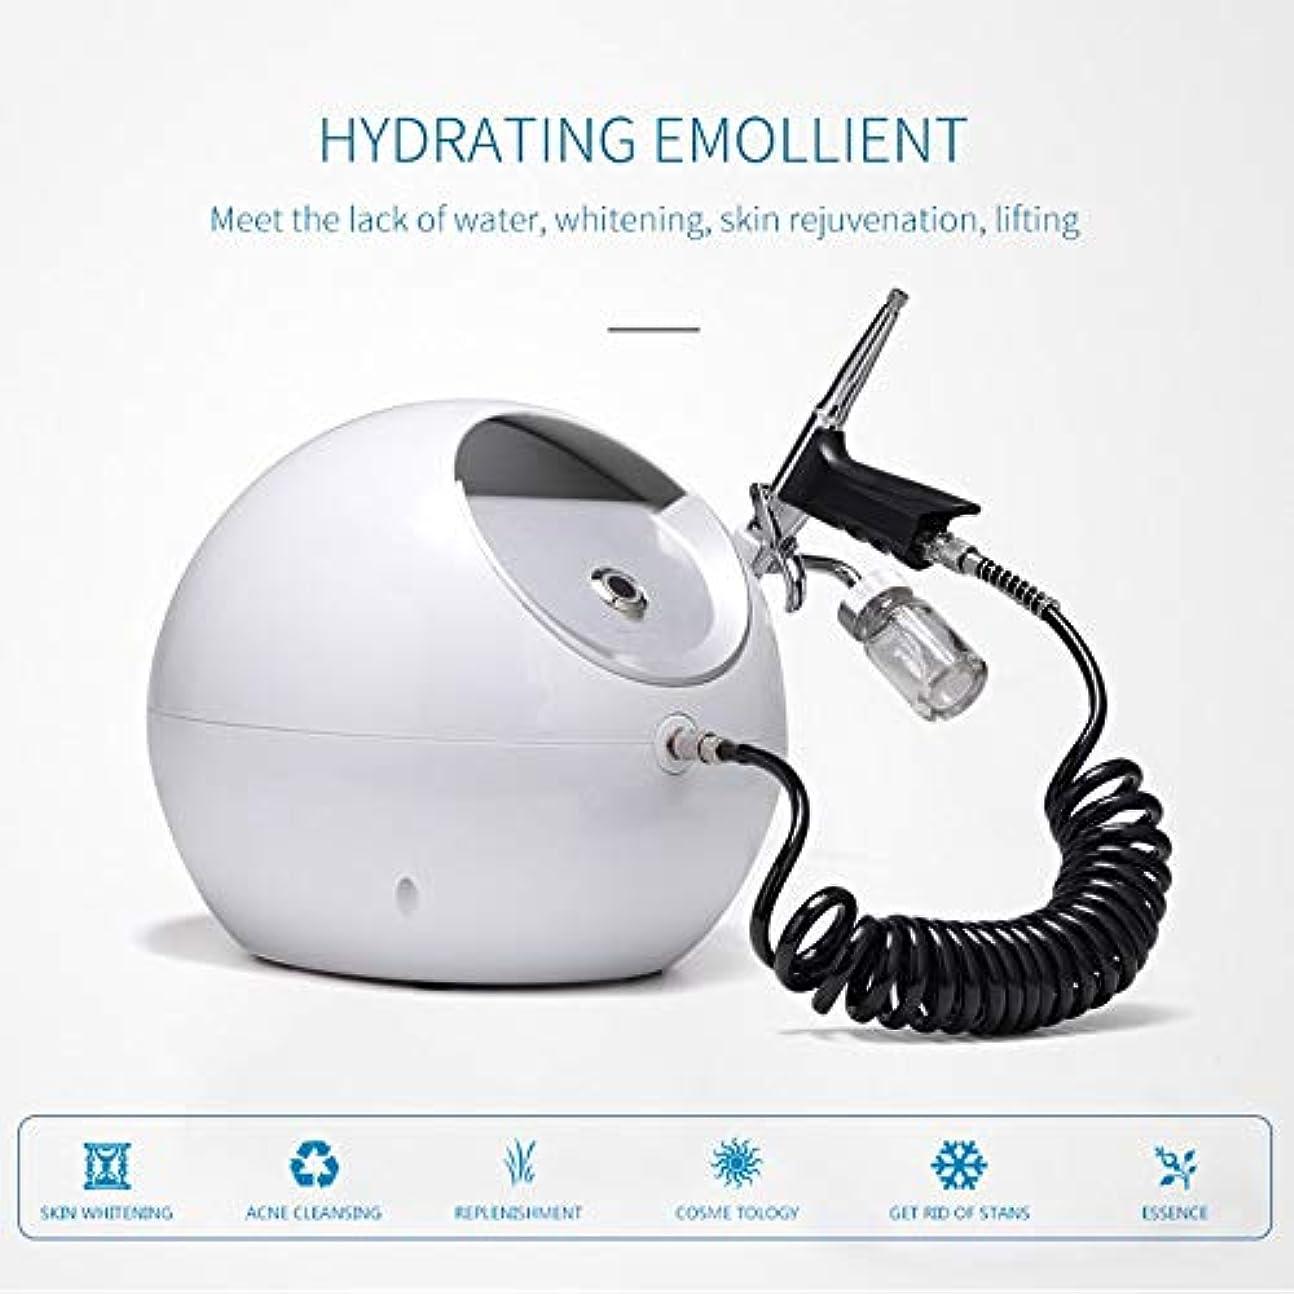 2 In1 小バブル酸素ジェットピールハイドロフェイシャルダーマブレーションマシン、フェイシャルクリーニングブラックヘッドにきびのための皮膚酸素注入美容機器